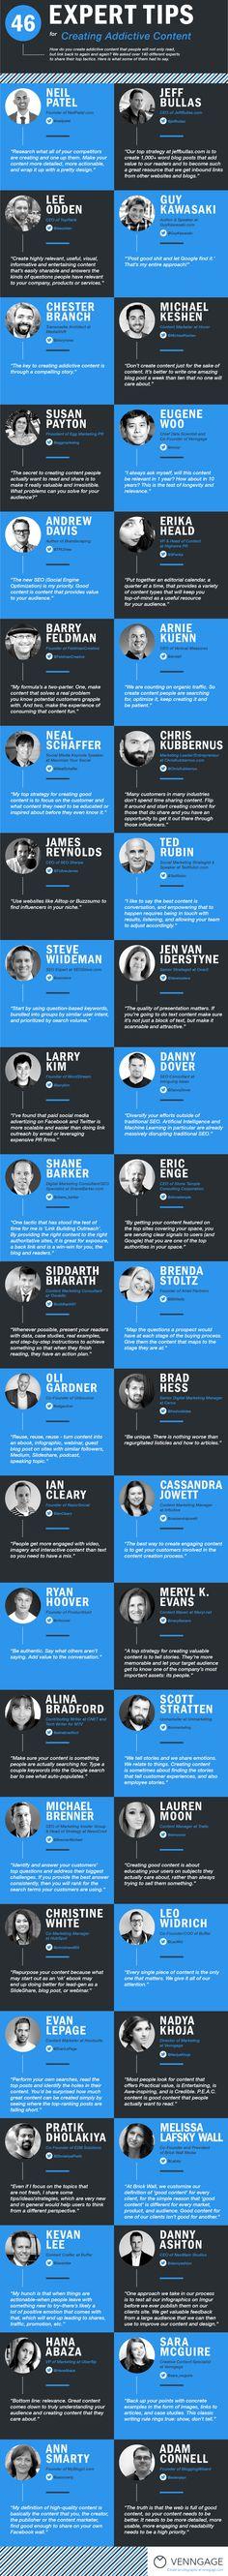 La biblia de cómo hacer marketing de contenidos. 46 tips de expertos.